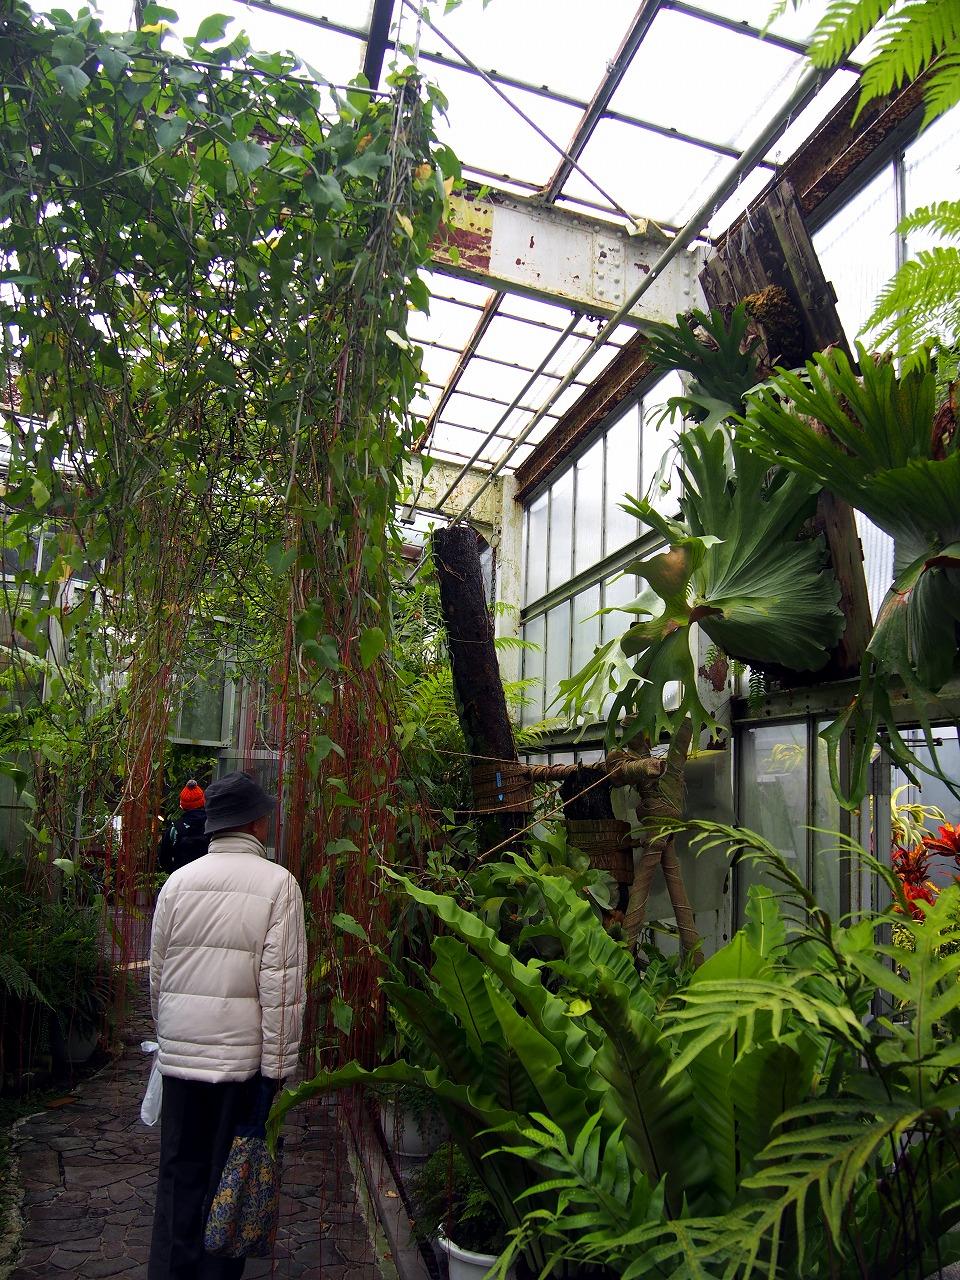 BotanicalGarden118_20141115.jpg